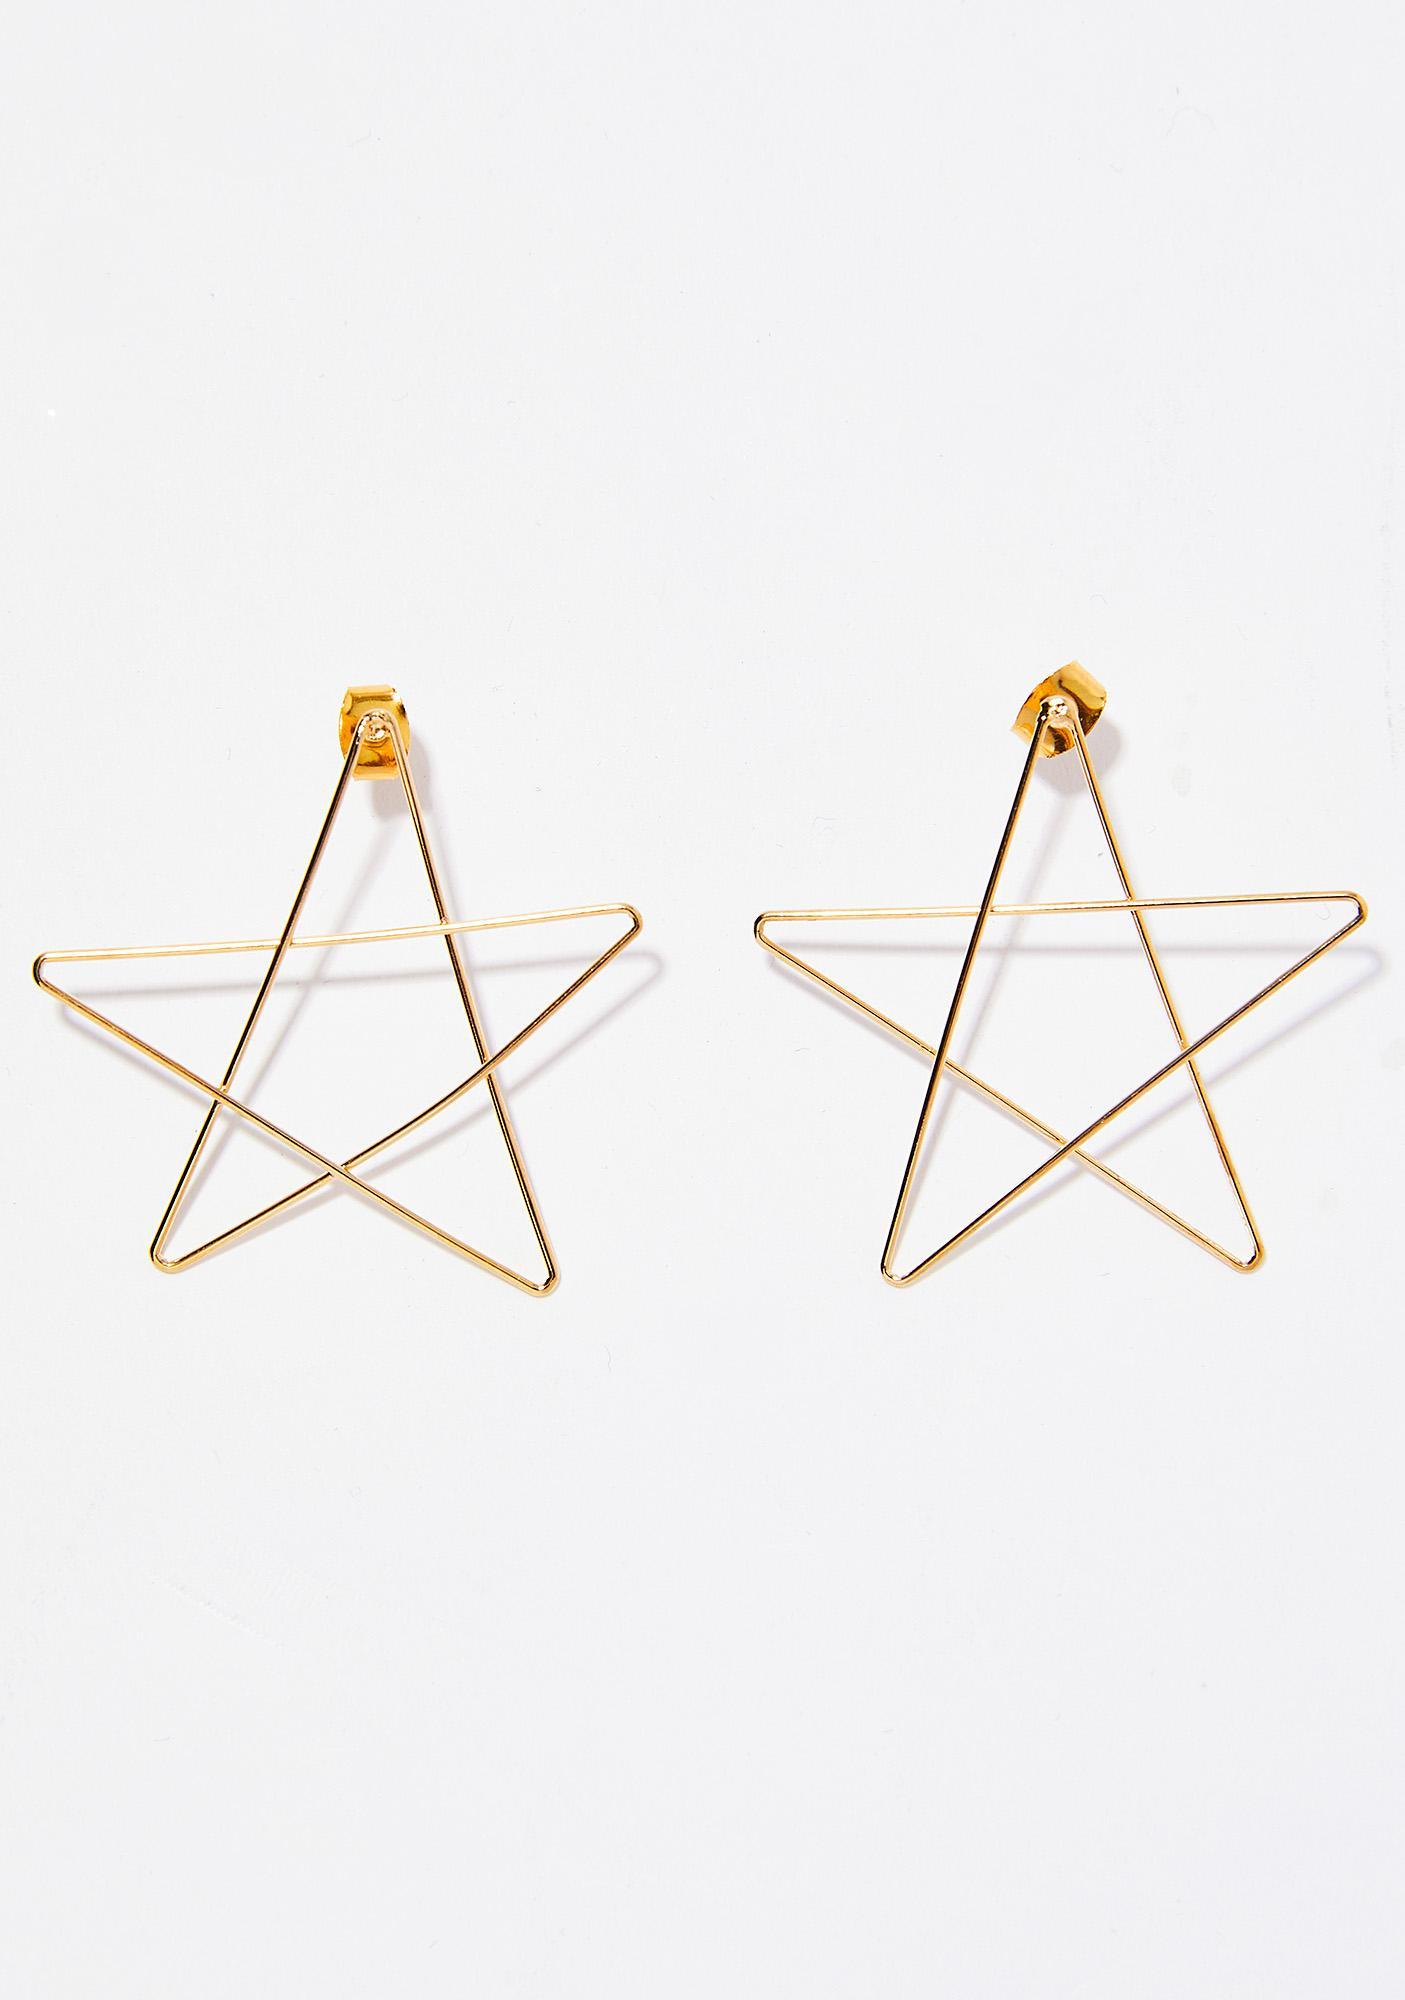 Wired Starz Earrings